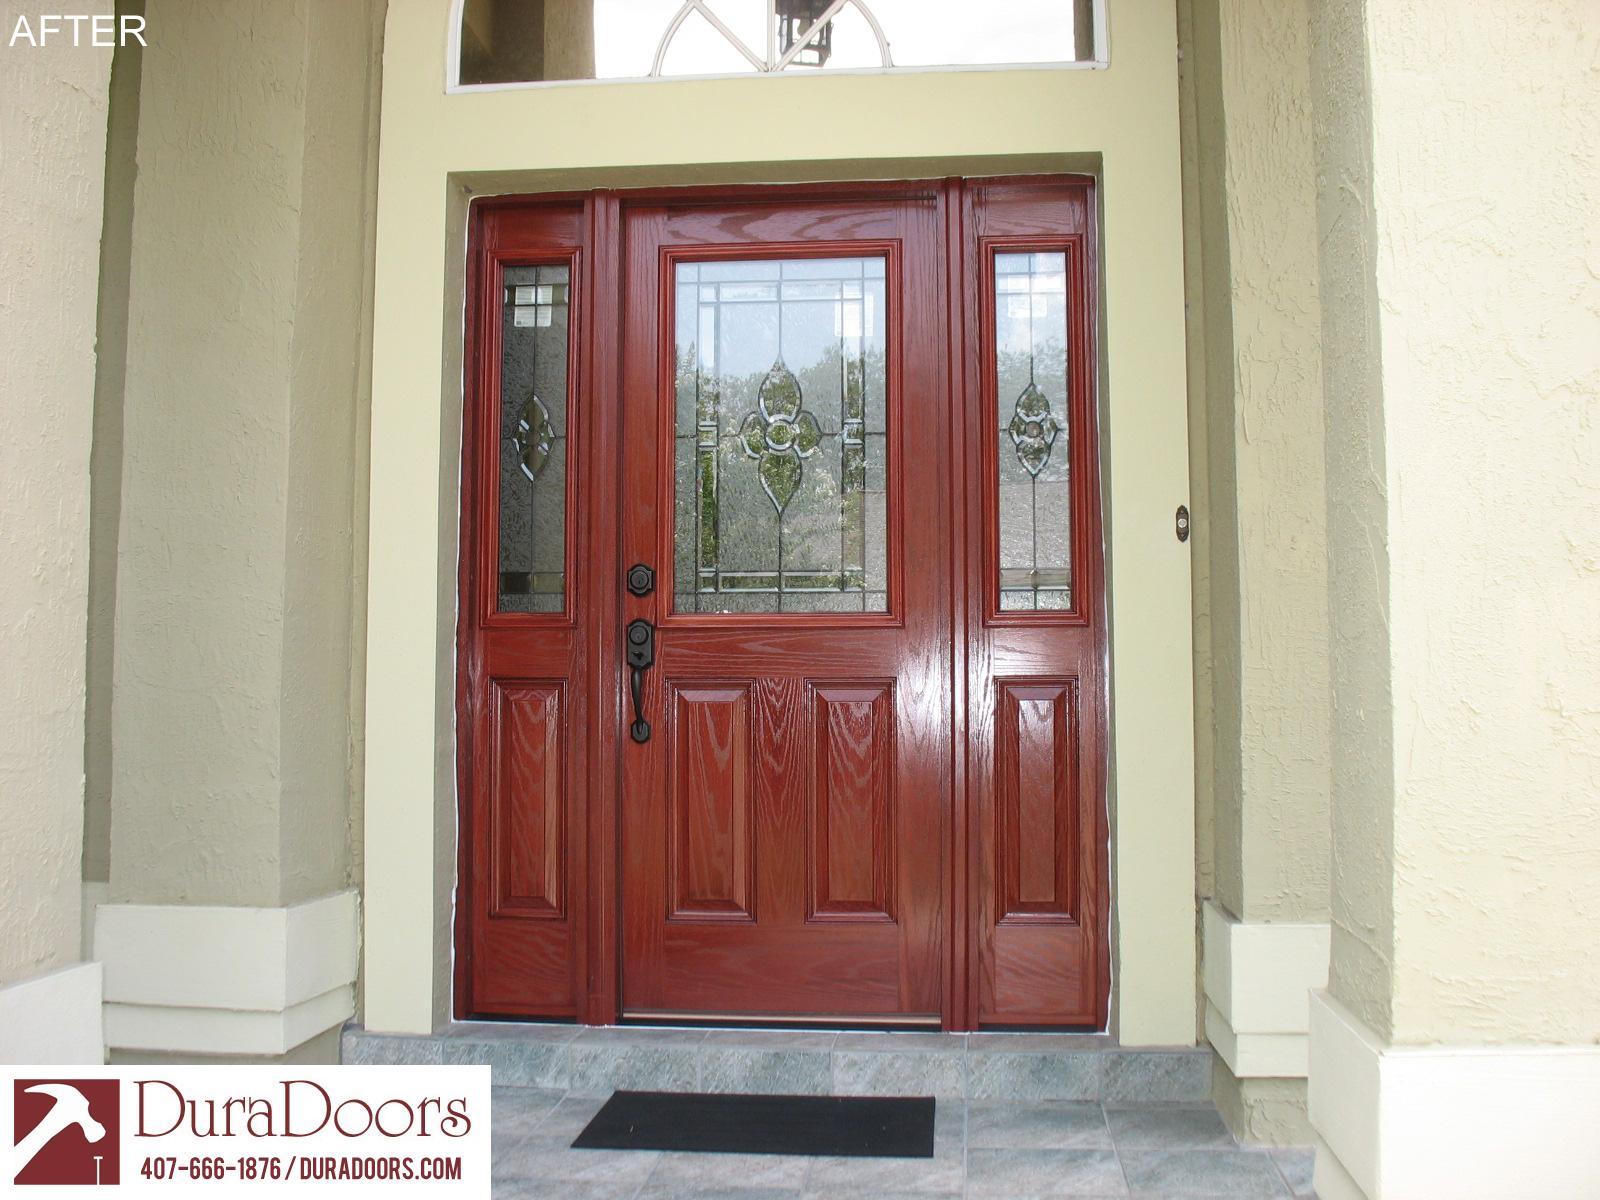 Woodgrain Plastpro Door With Classic Nouveau Glass Duradoors